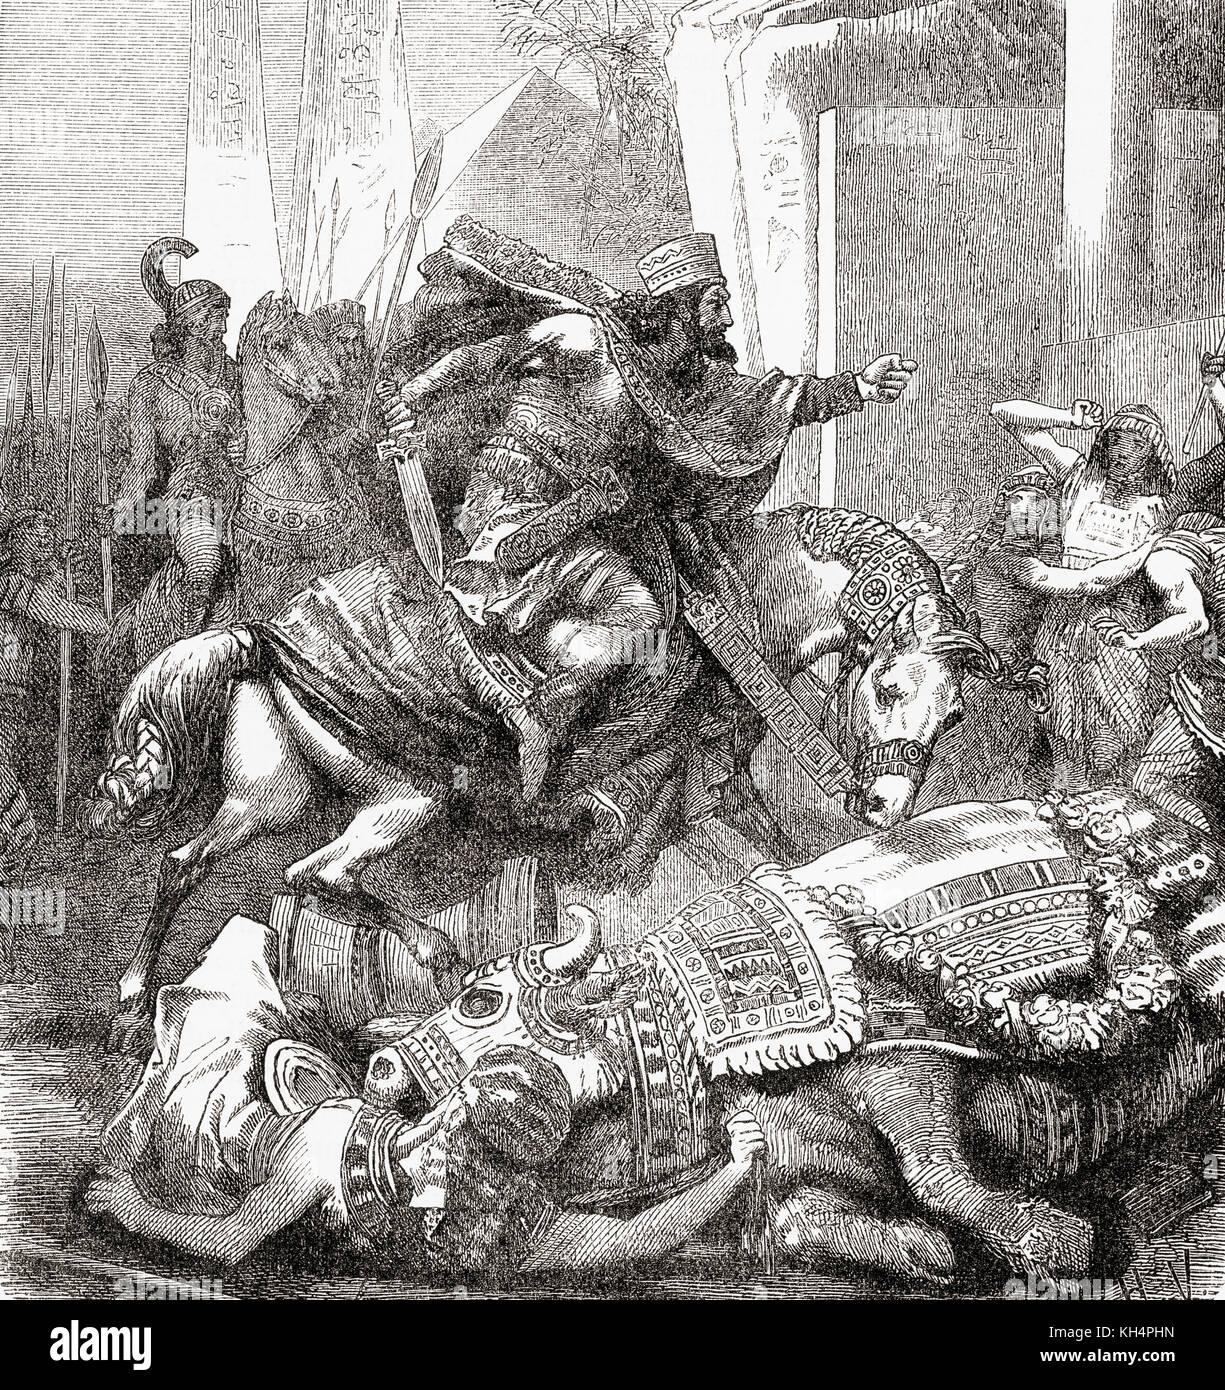 Cambyse ii tuer le taureau sacré apis ou hapis. mythologie égyptienne stipule que pour tuer l'animal Photo Stock